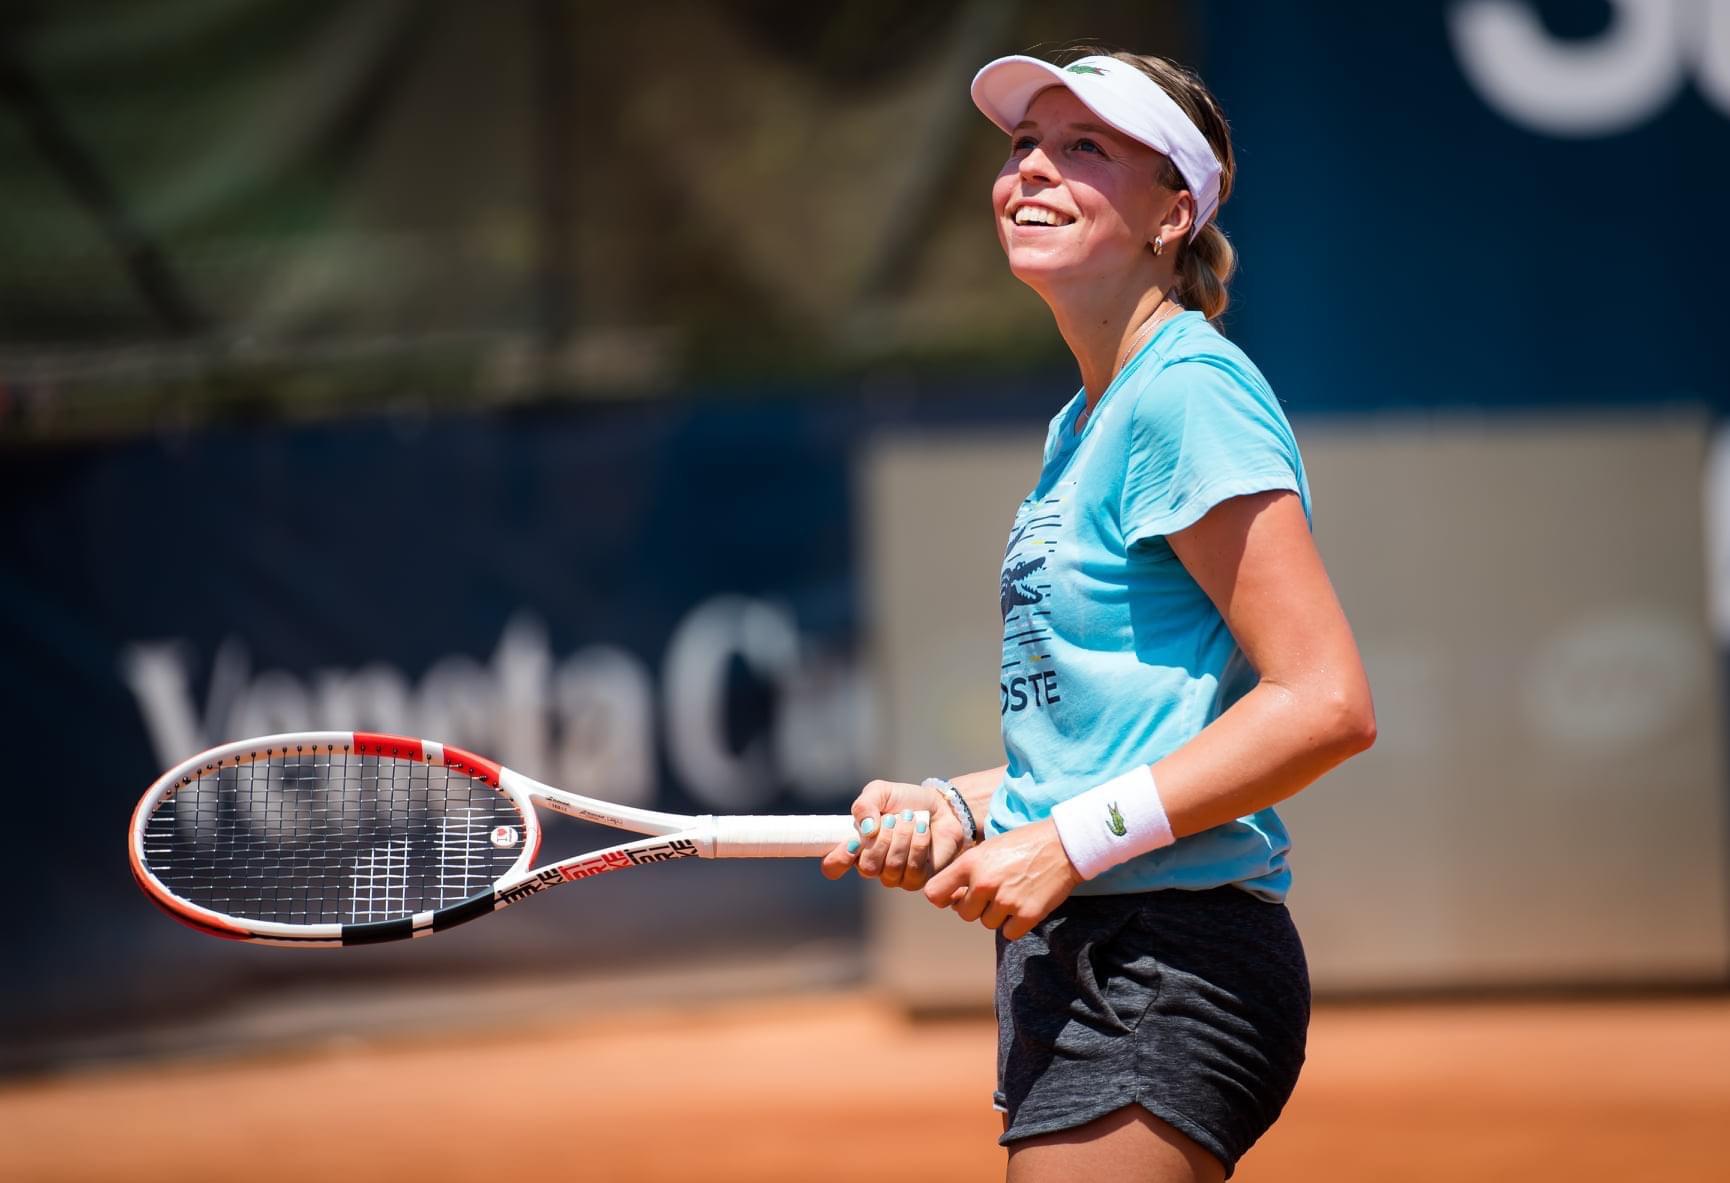 Veneta-Cucine-Palermo-Ladies-Open-05.JPG